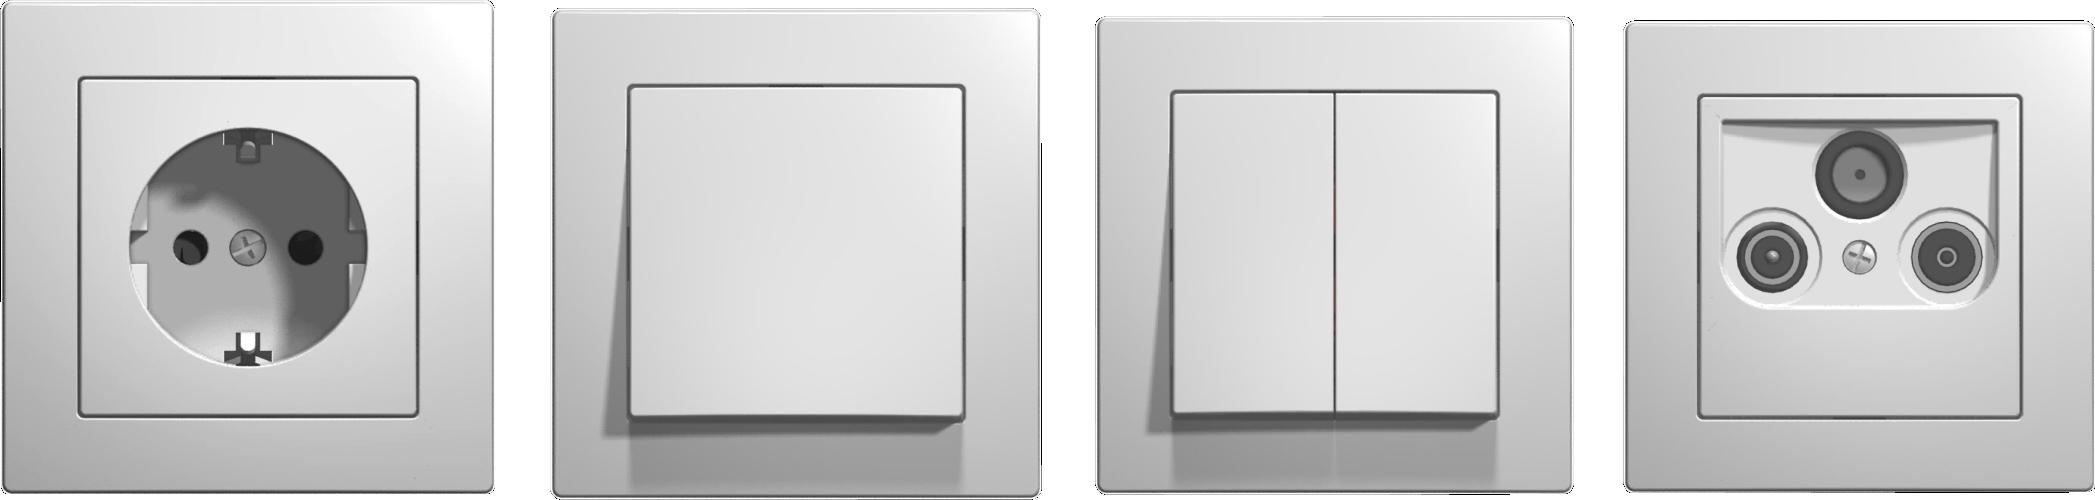 steckdosen und lichtschalter steckdosen und lichtschalter cm62 hitoiro steckdosen und. Black Bedroom Furniture Sets. Home Design Ideas